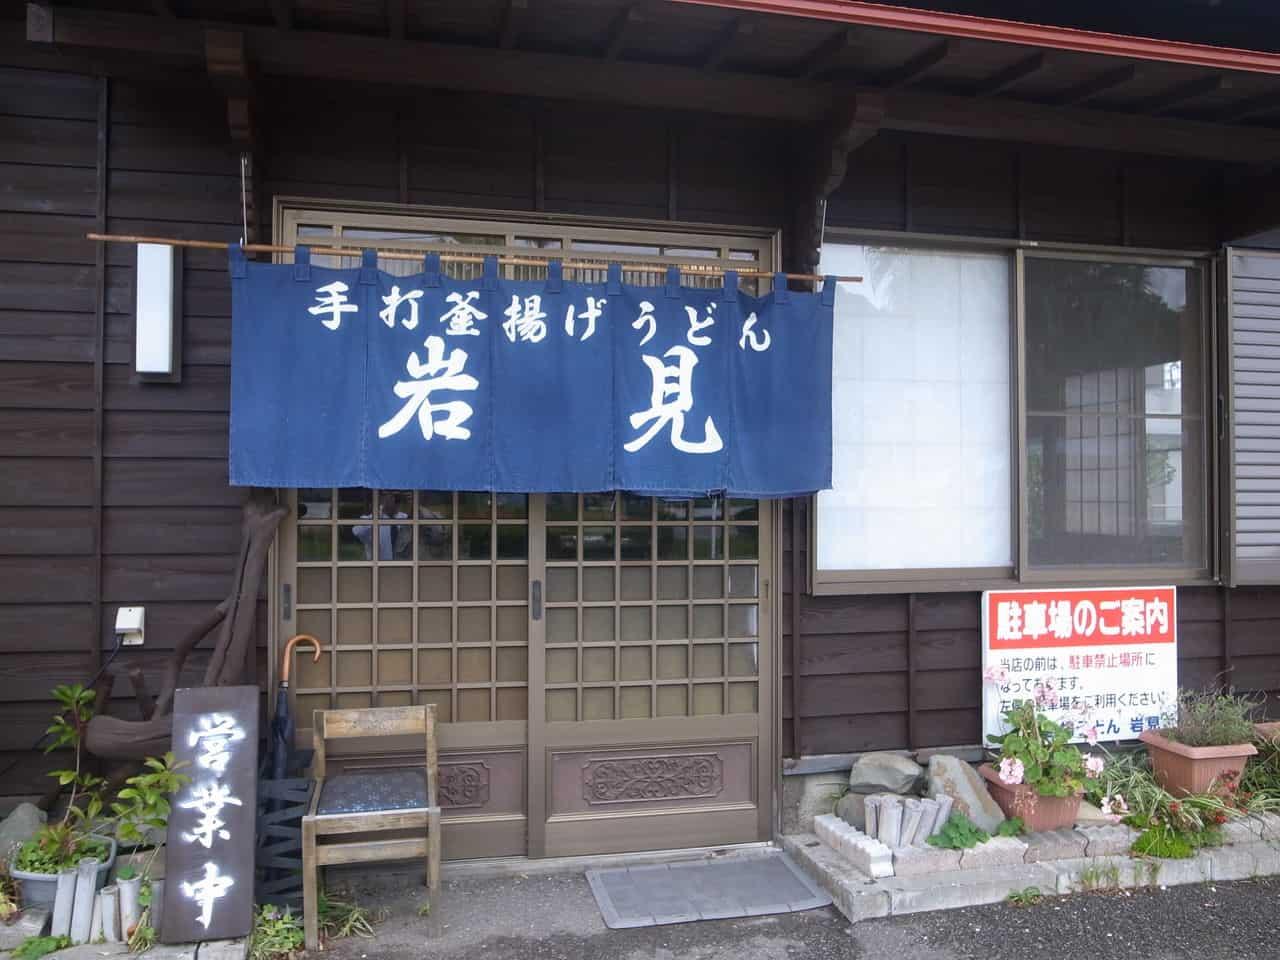 soba, Udon, Iwami, Miyazaki